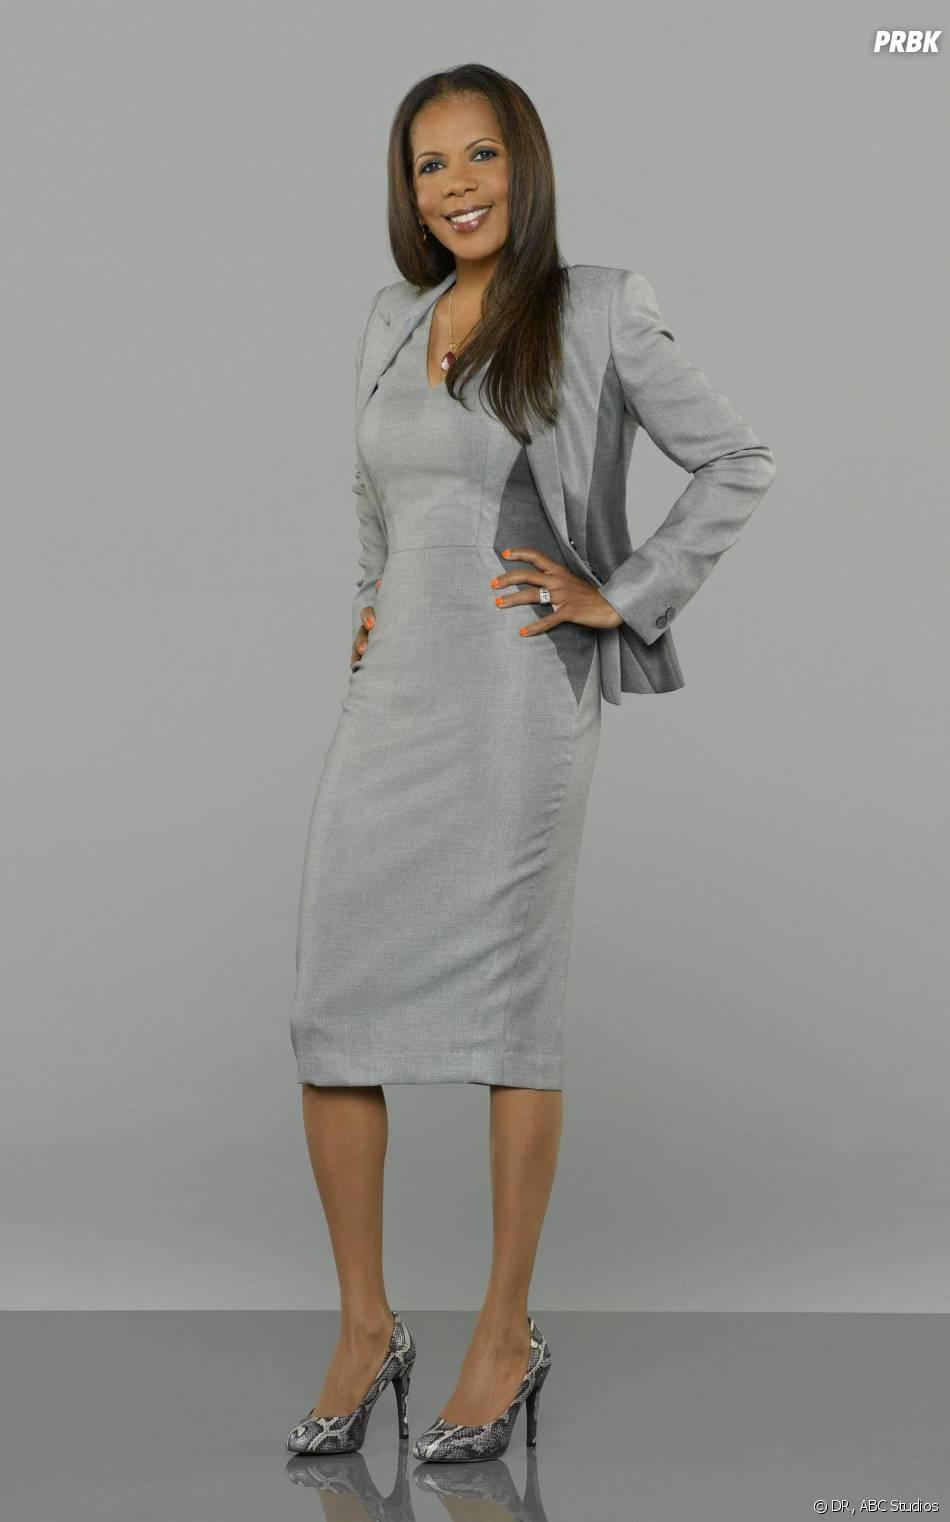 Castle saison 6 : nouvelle photo promo avec Penny Johnson Jerald